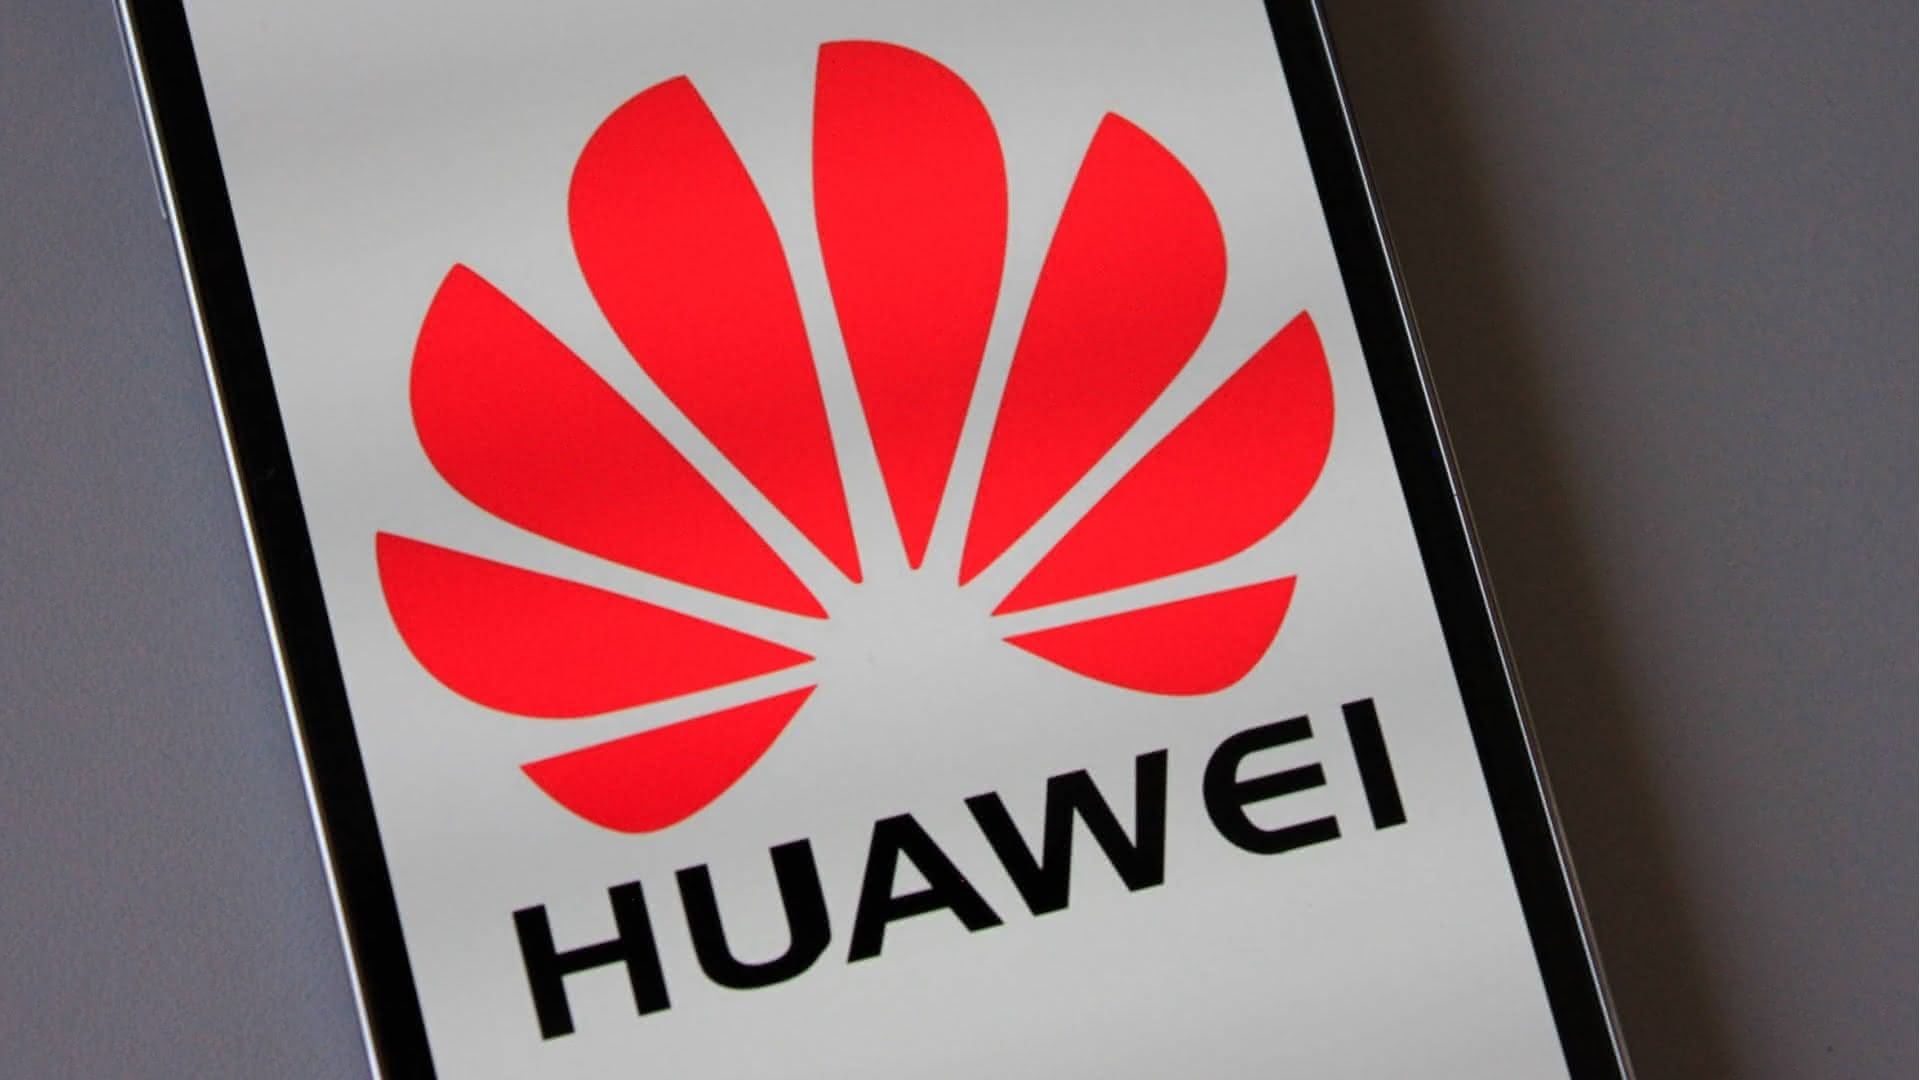 logo da Huawei sobre smartphone